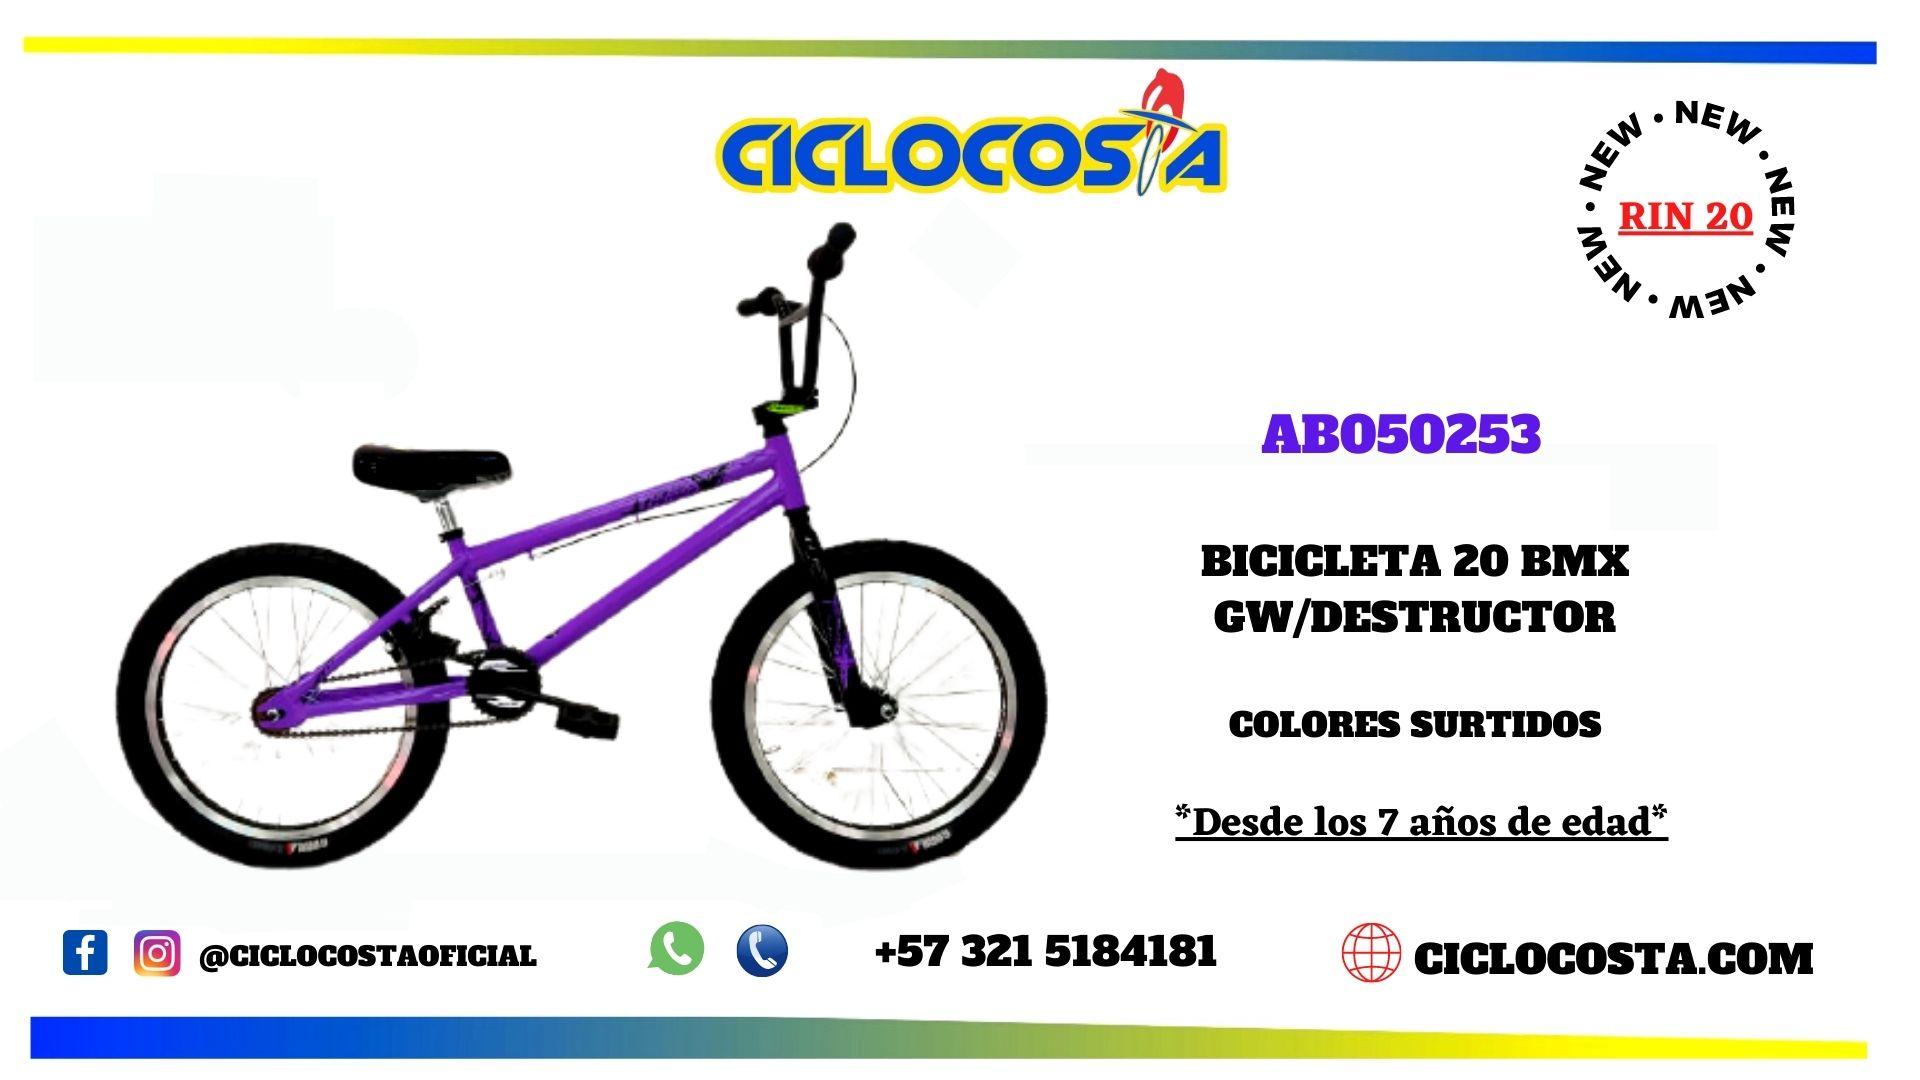 AB050253 NIÑA